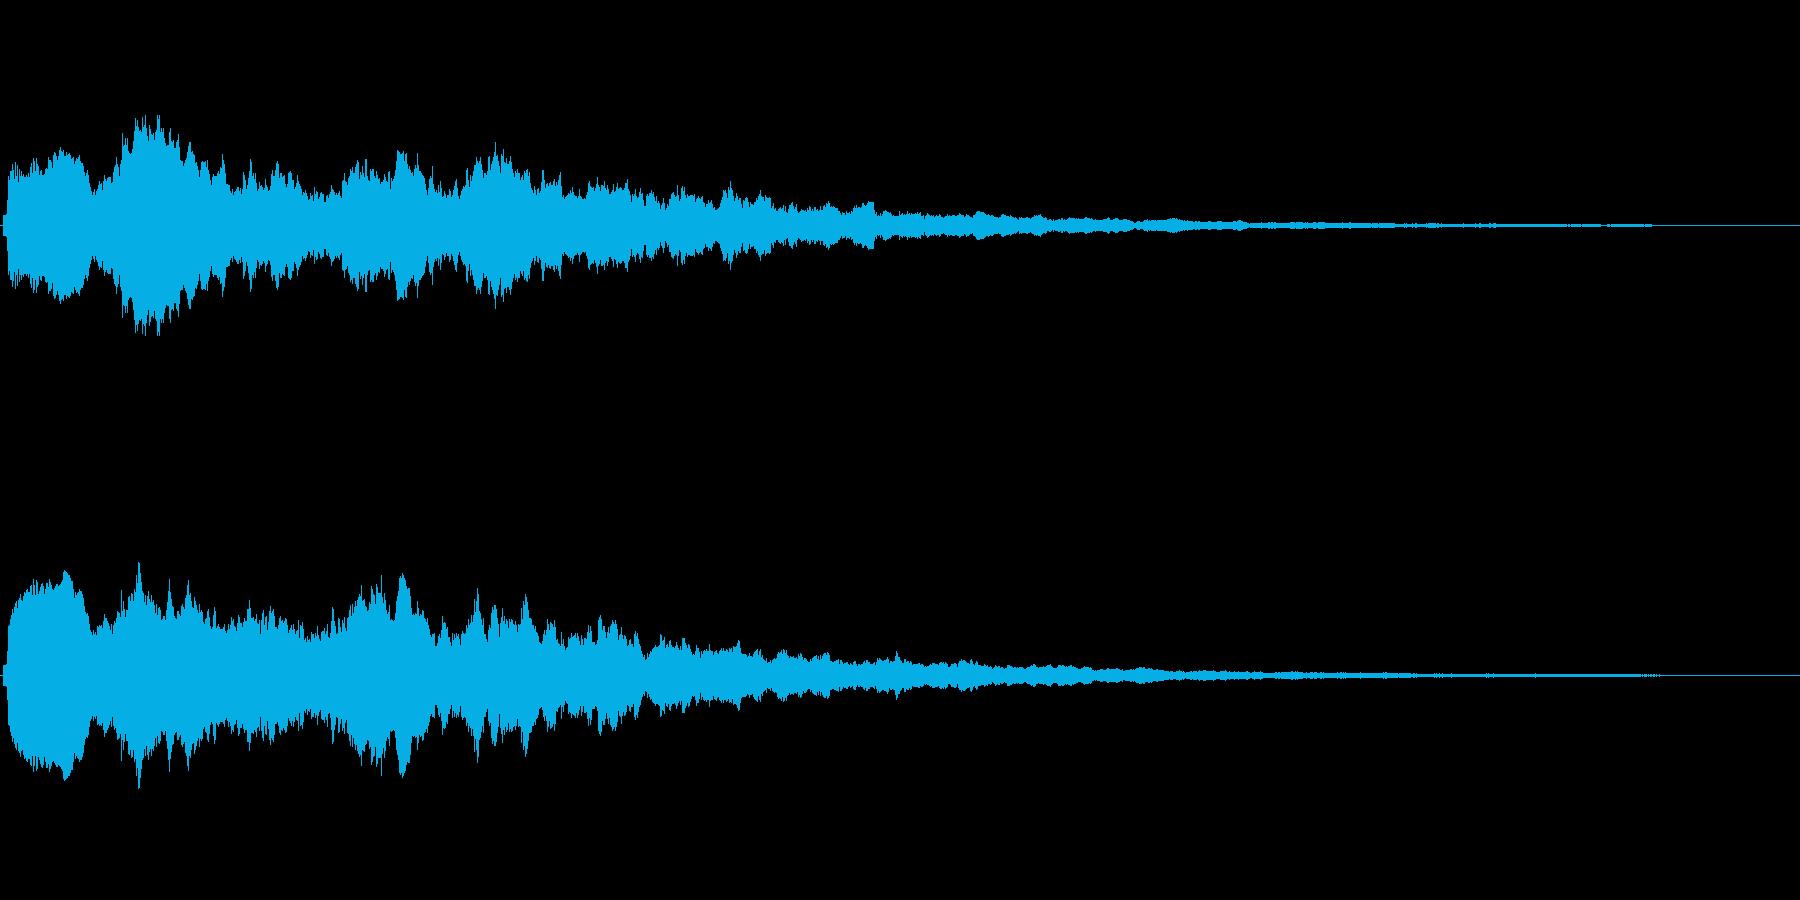 大きなキラキラ系 シンプルなフレーズ音の再生済みの波形